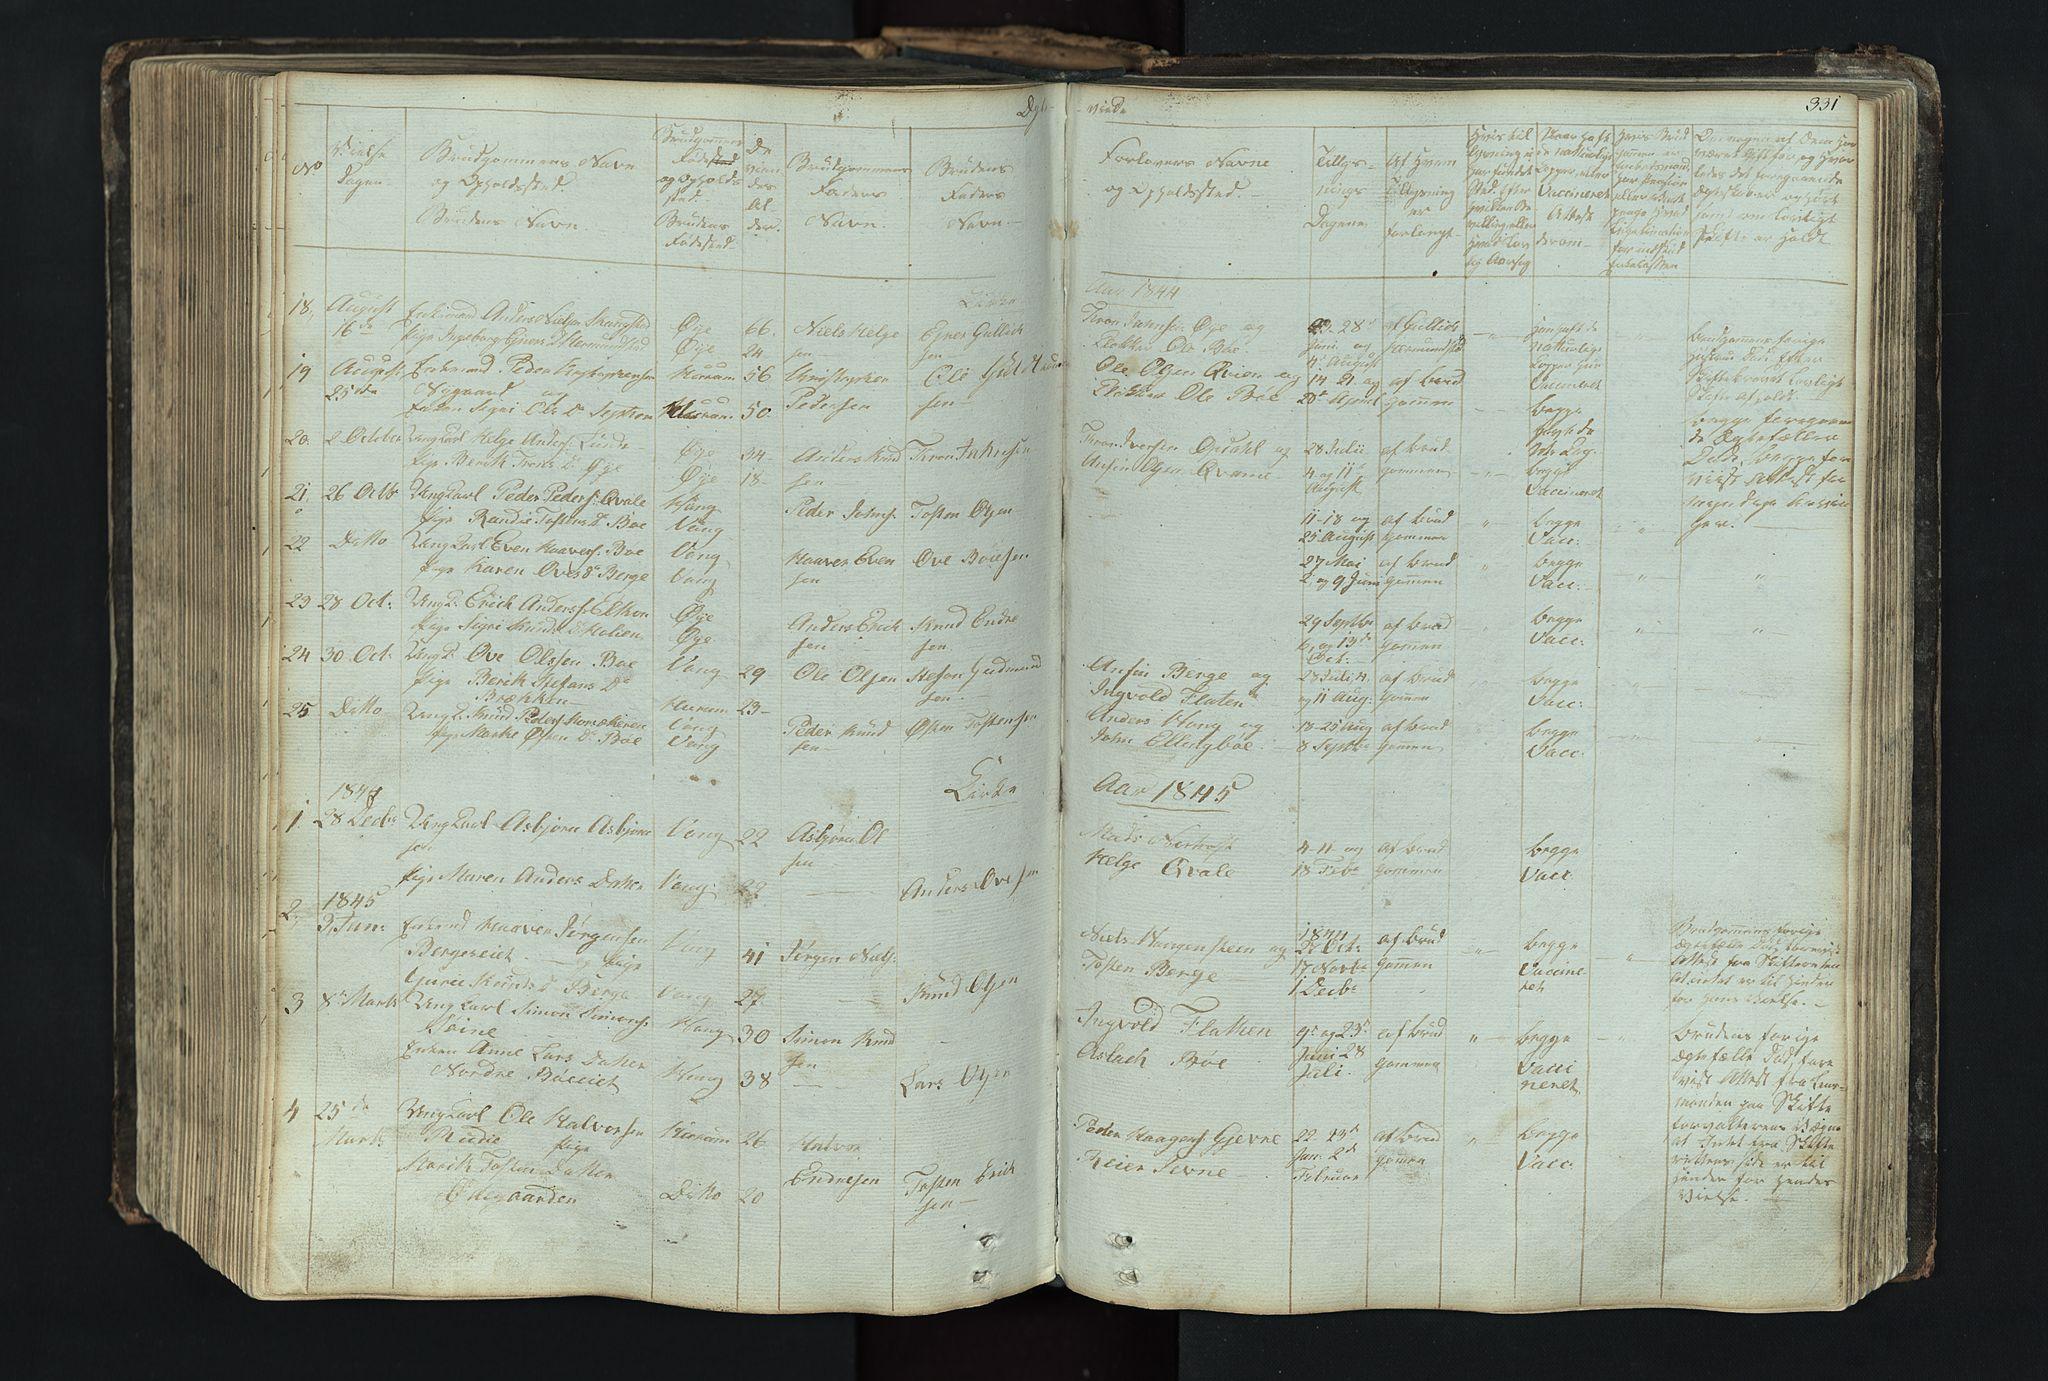 SAH, Vang prestekontor, Valdres, Klokkerbok nr. 4, 1835-1892, s. 331